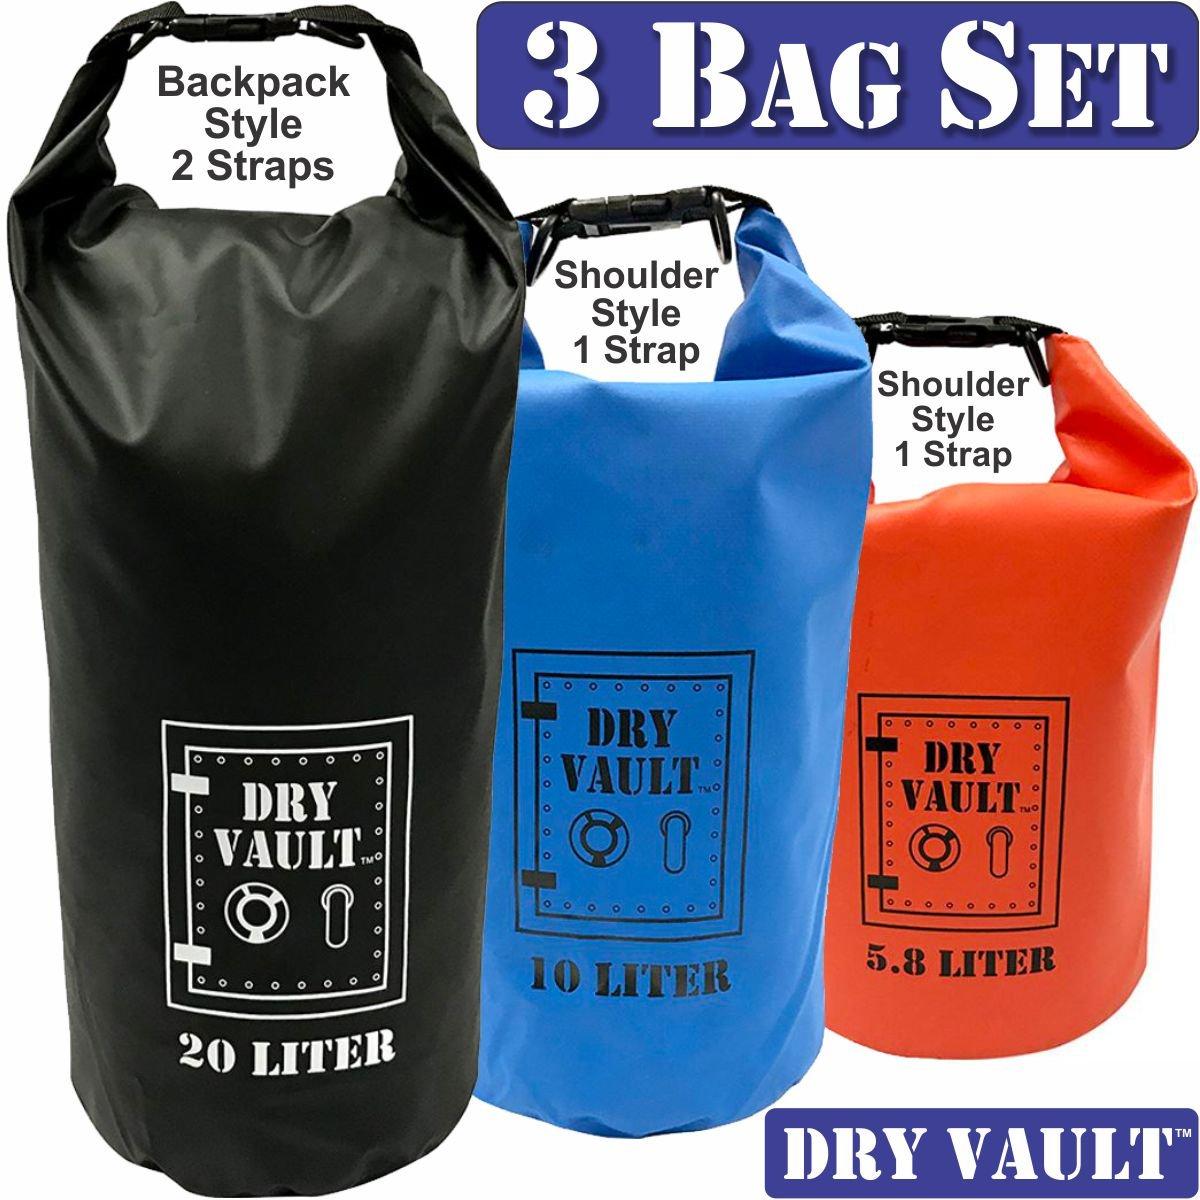 Bag Set WEATHERPROOF WATERPROOF Guaranteed